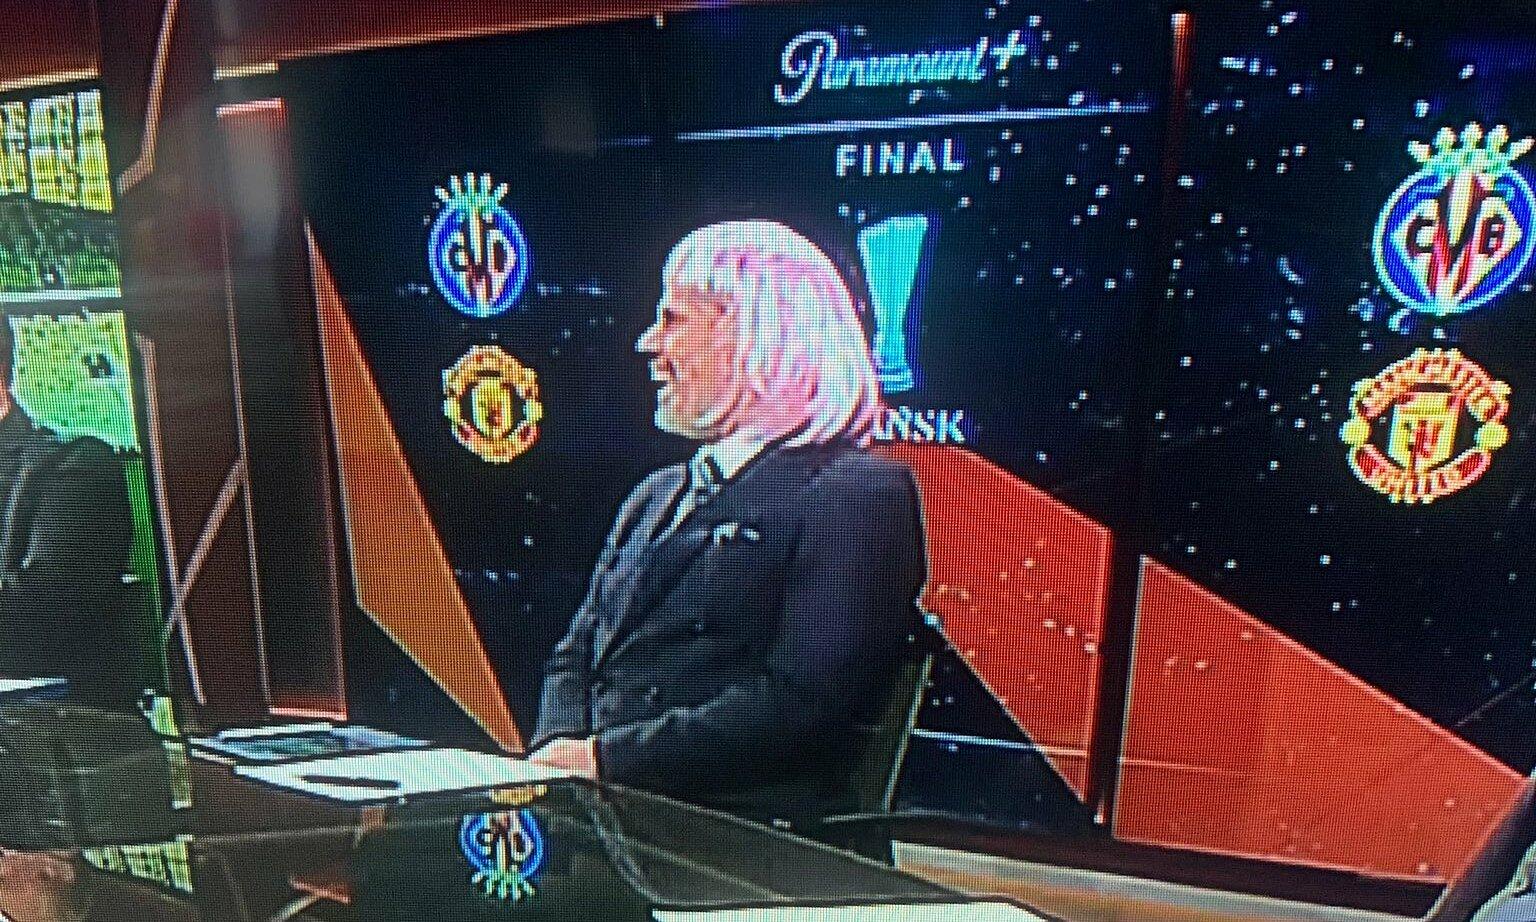 Carragher với mái tóc giả màu hồng trong buổi bình luận chung kết Europa League hôm 26/5.